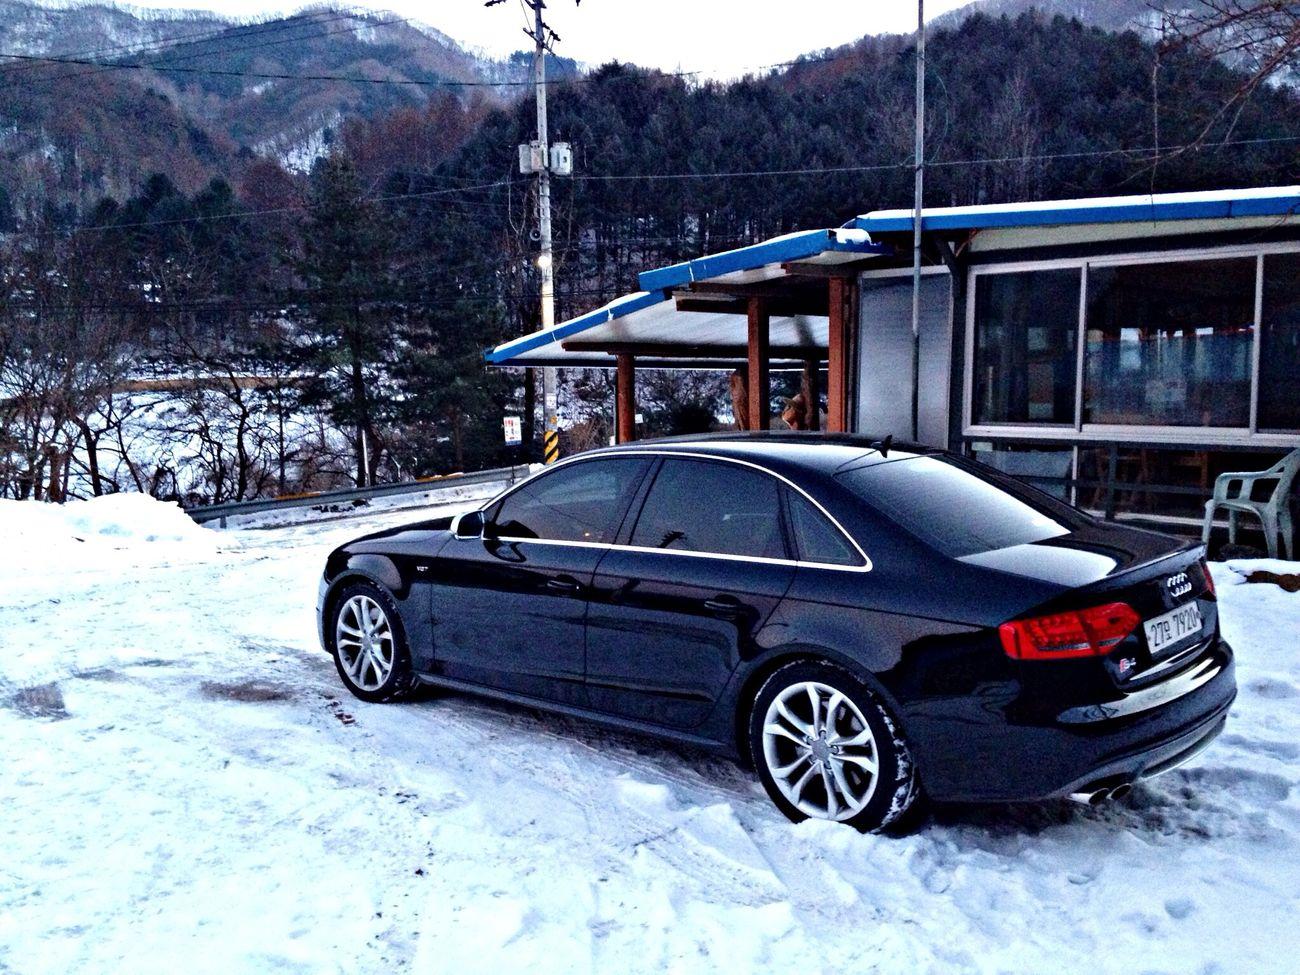 눈쌓인산길.... 4륜을 느끼며... Audi Snow S4